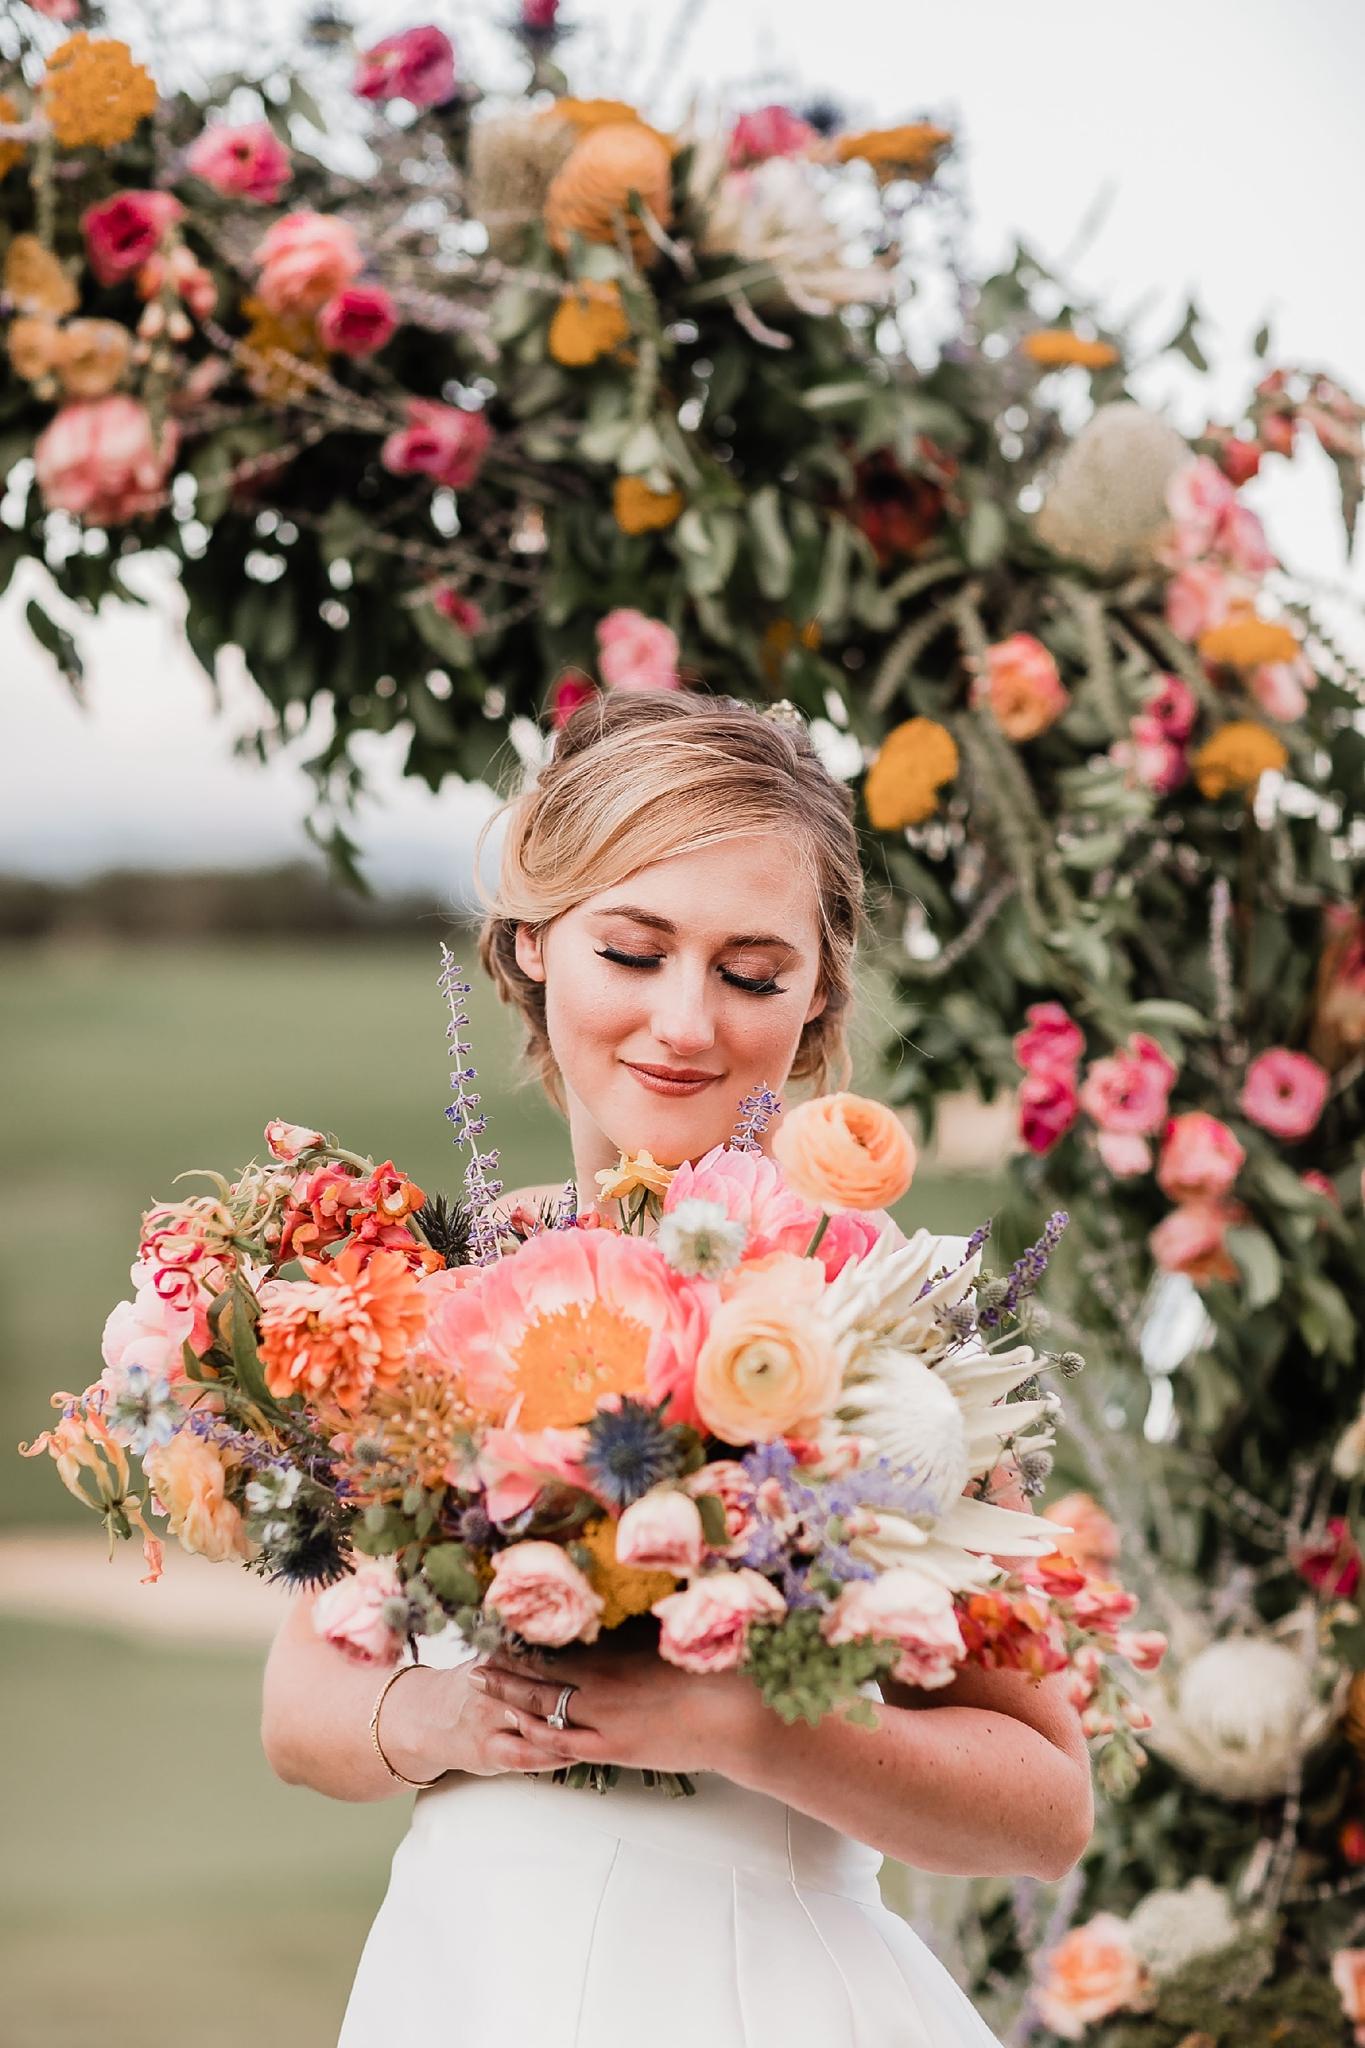 Alicia+lucia+photography+-+albuquerque+wedding+photographer+-+santa+fe+wedding+photography+-+new+mexico+wedding+photographer+-+new+mexico+wedding+-+summer+wedding+-+summer+wedding+florals+-+southwest+wedding_0071.jpg